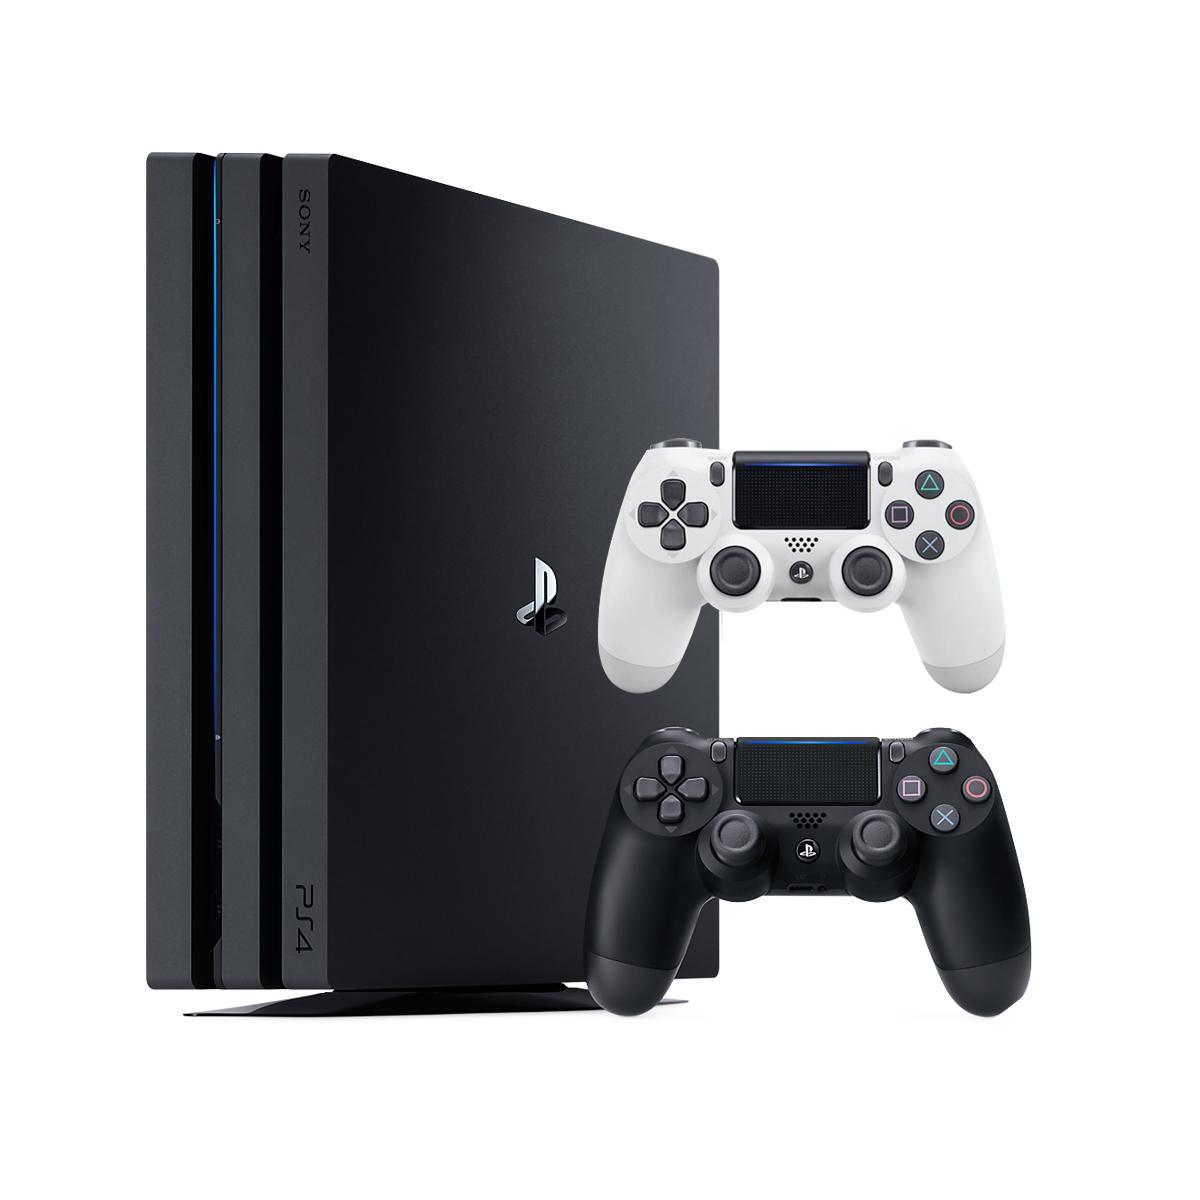 مجموعه کنسول بازی سونی مدل Playstation4Pro ریجن 2 کد CUH-7216B ظرفیت 1 ترابایت